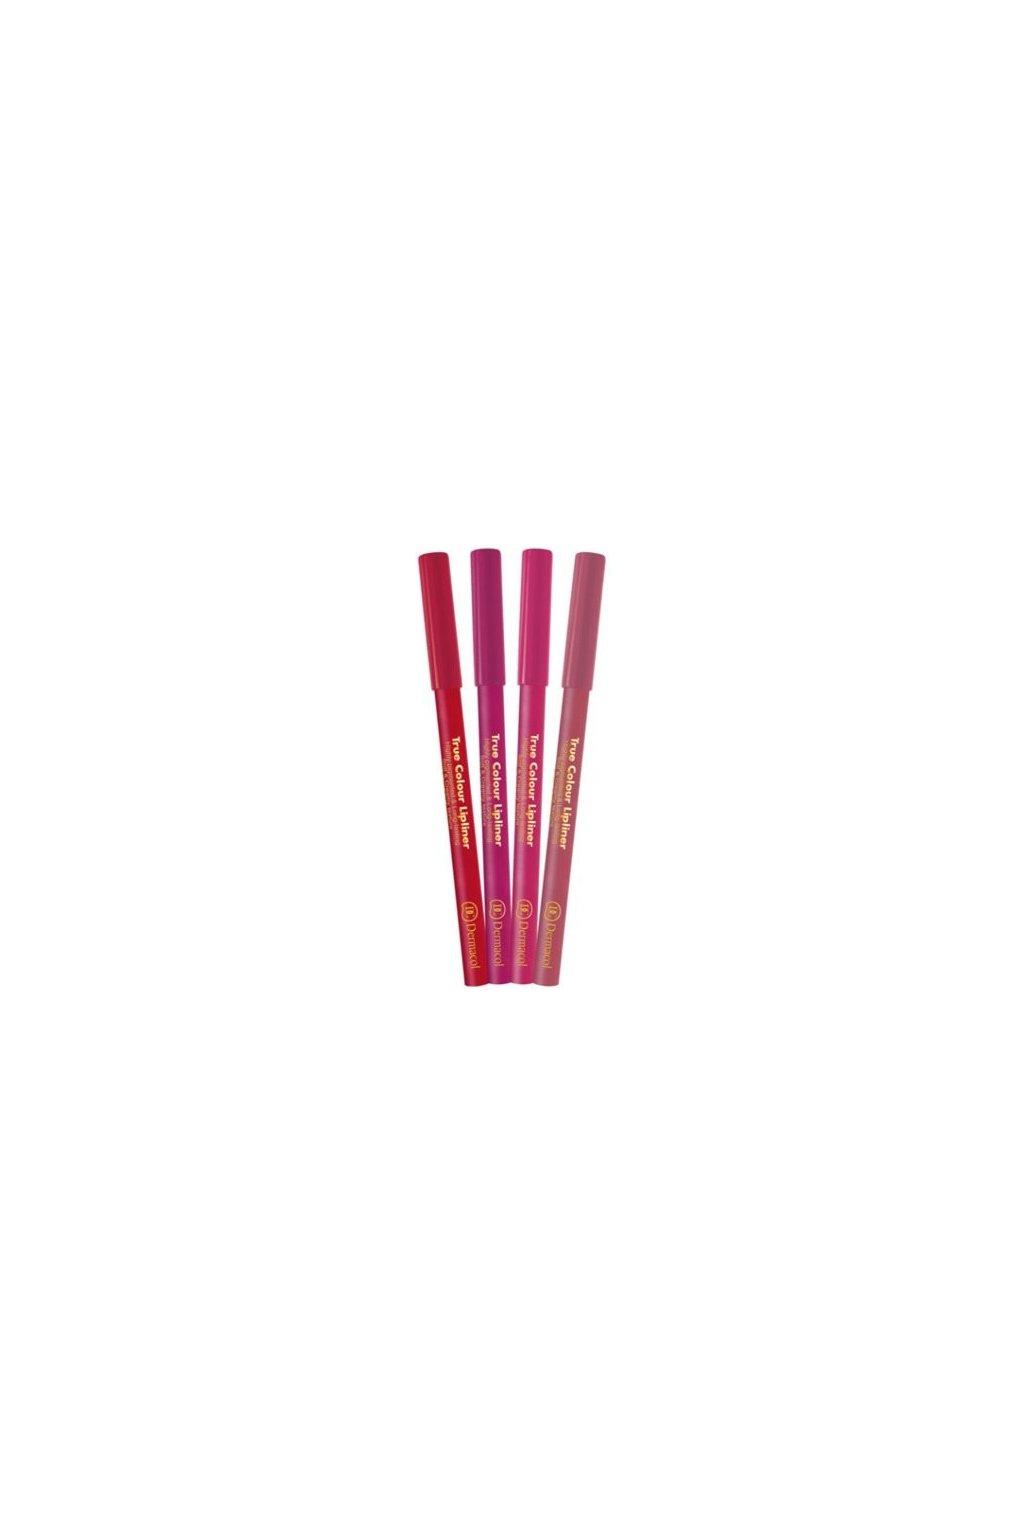 dermacol true colour lipliner konturovaci tuzka na rty 15